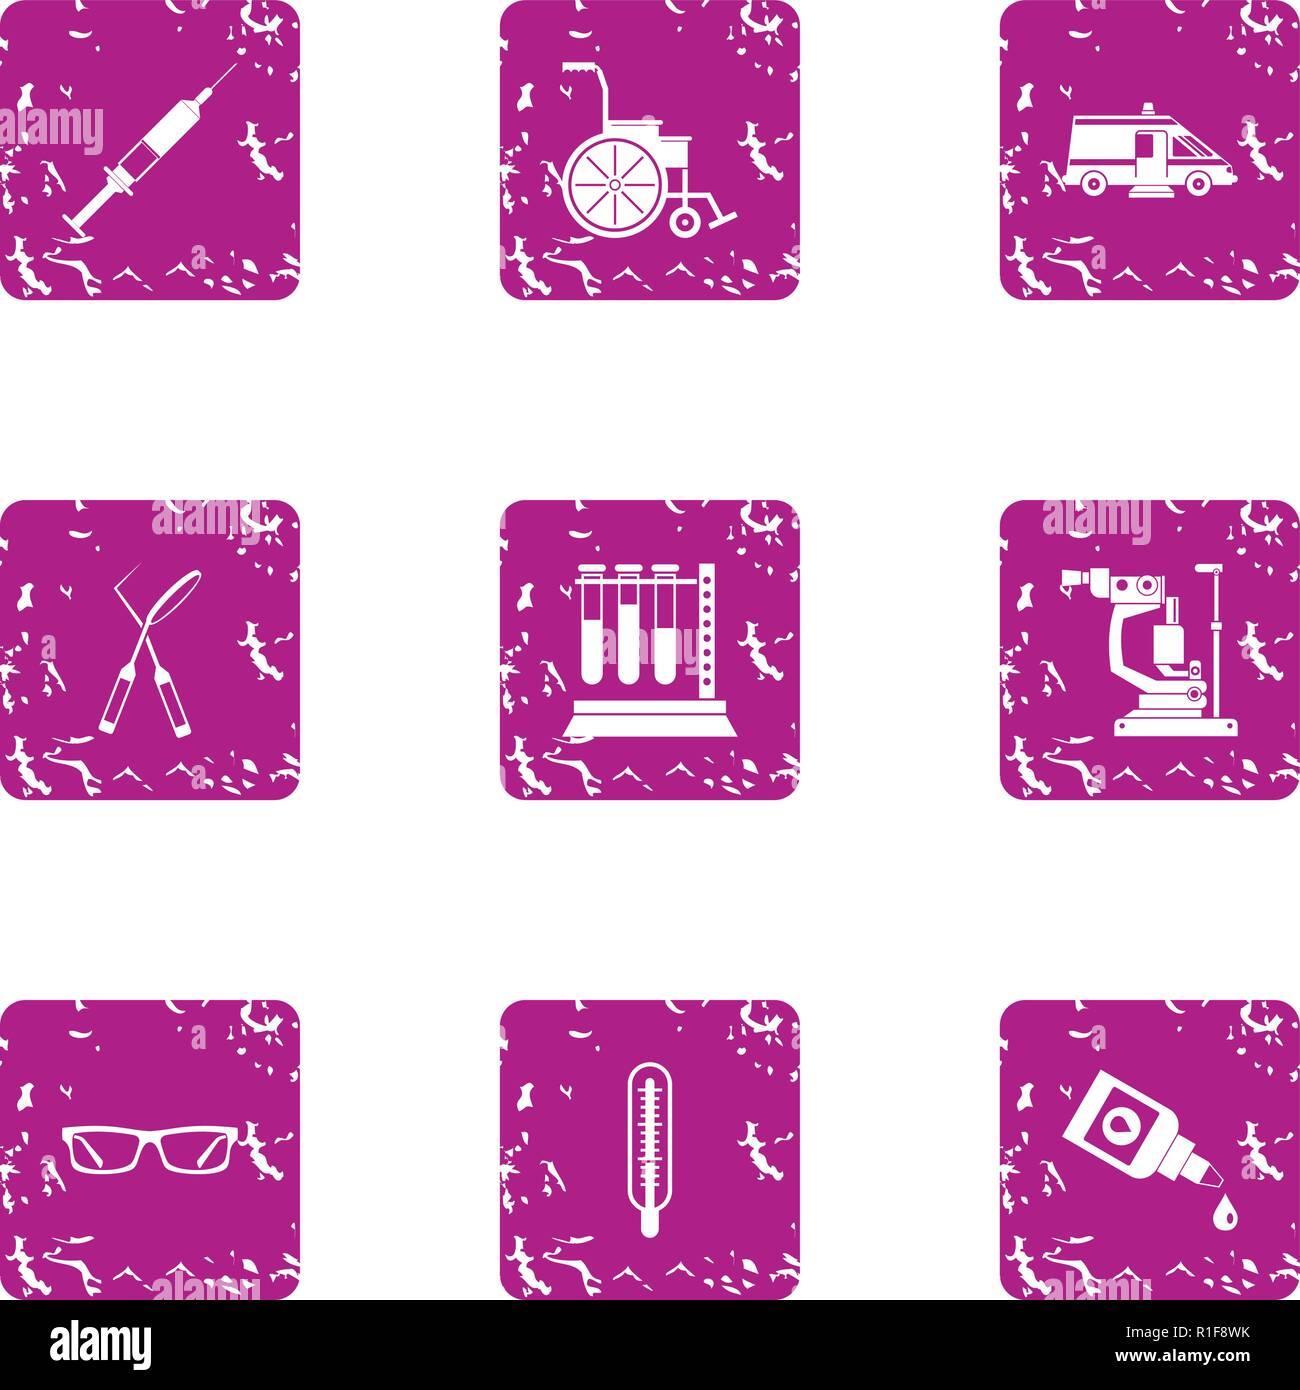 Inquiry icons set, grunge style - Stock Image